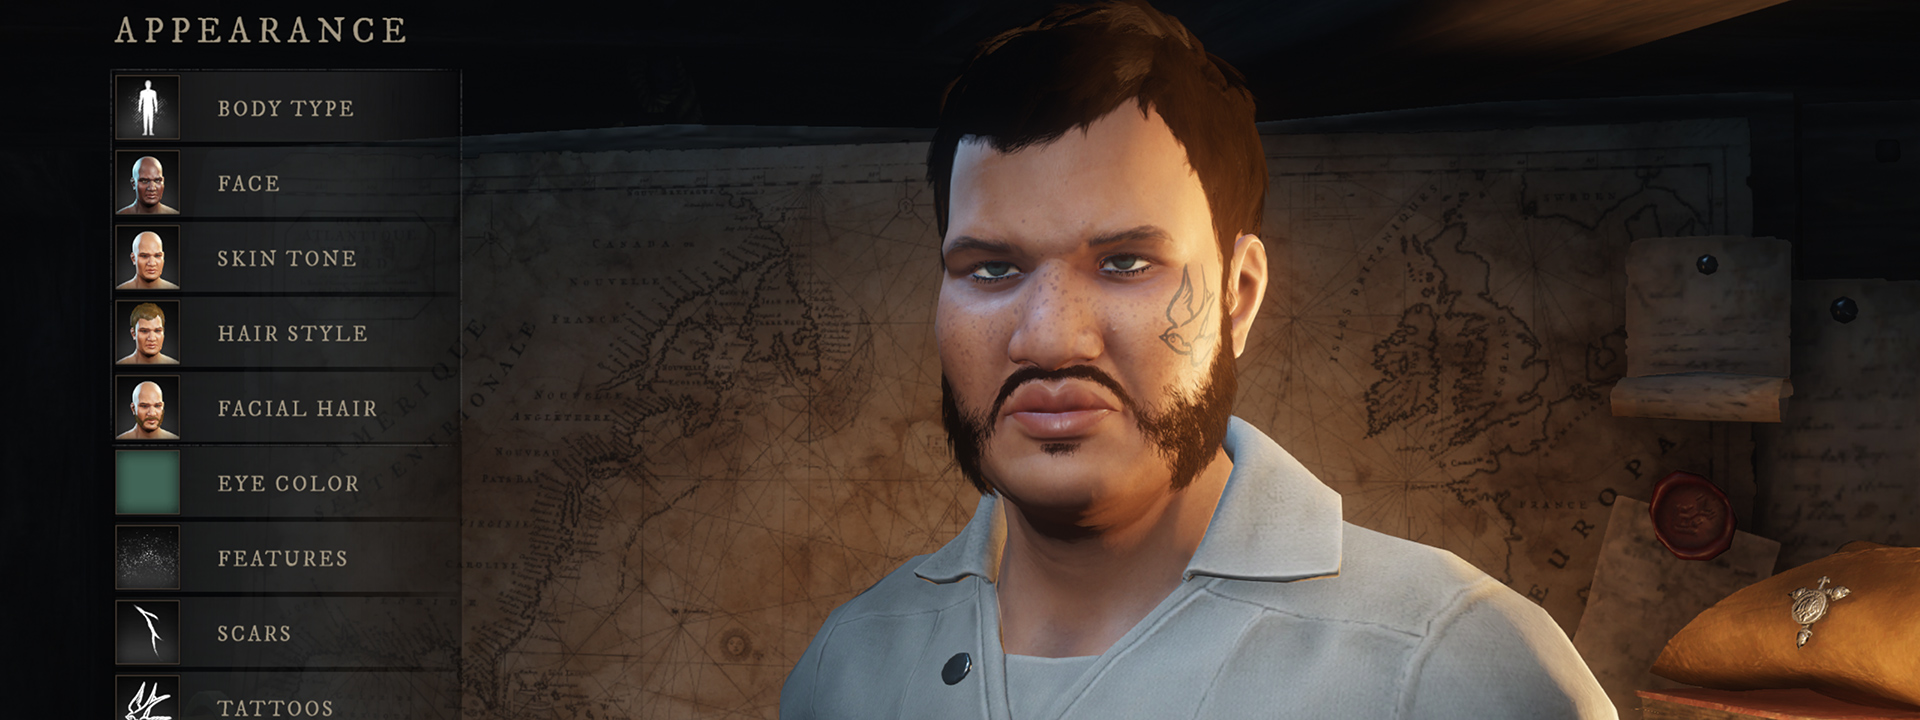 Скриншот экрана настройки персонажа, на котором изображен персонаж с загорелой кожей, бараньими отбивными, усами и татуировкой птицы на лице.